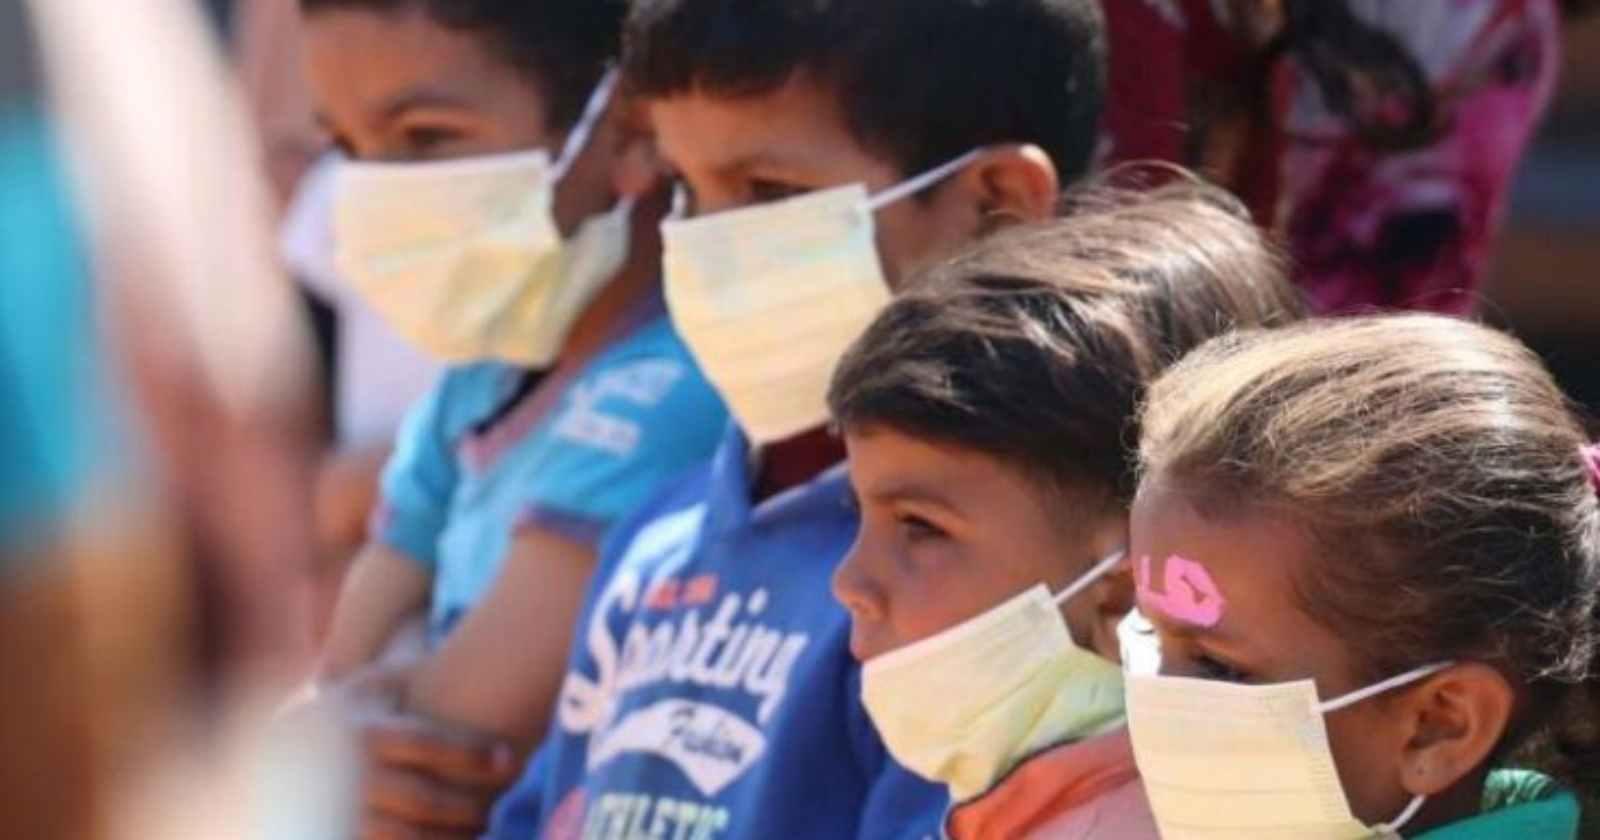 Unicef: casi 2 mil millones de niños han sufrido violencia durante la pandemia